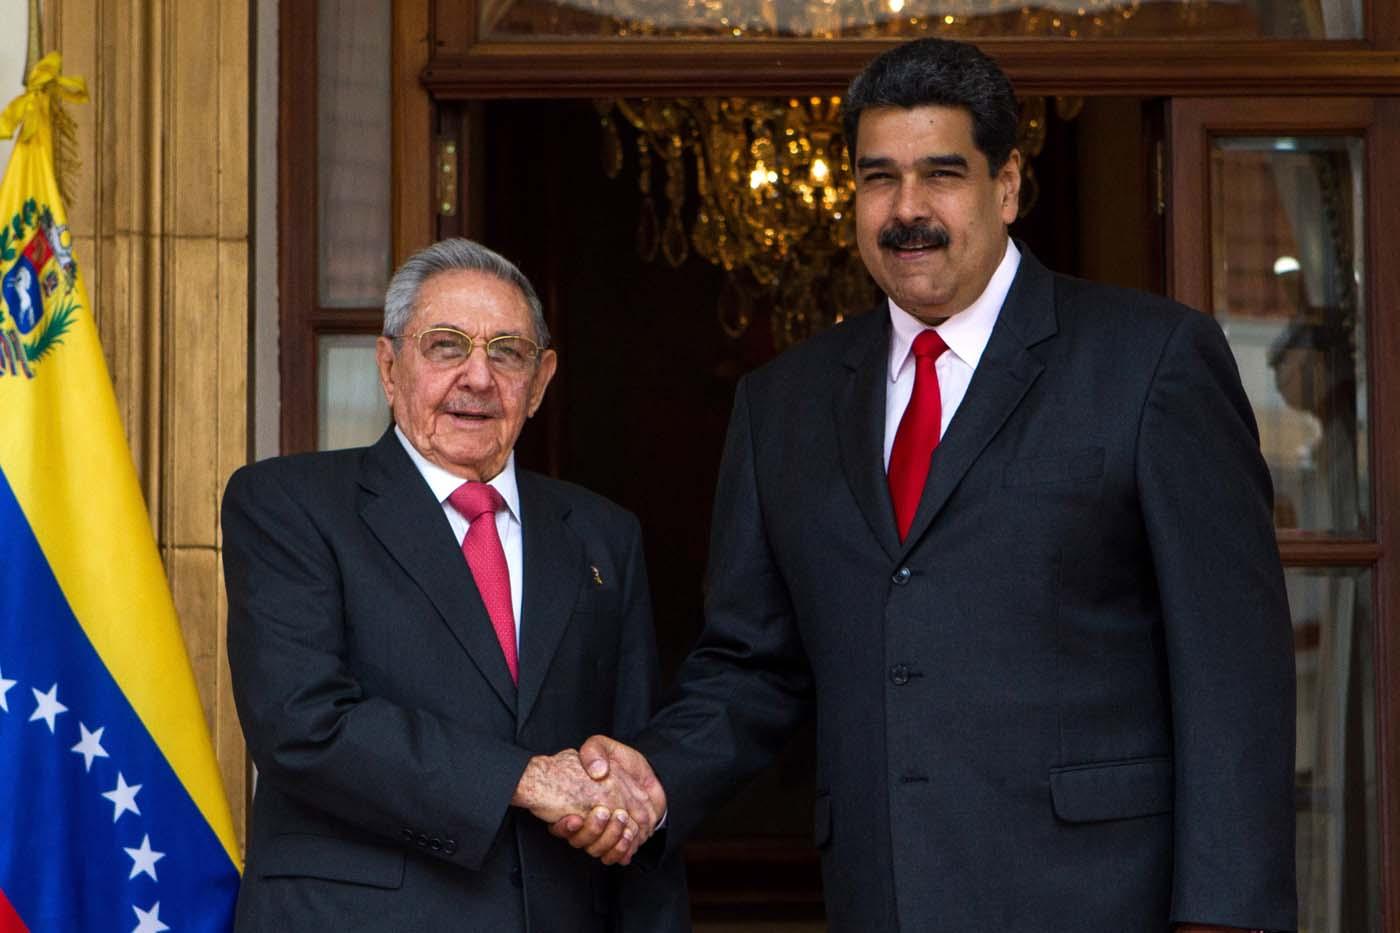 """El presidente venezolano, Nicolás Maduro (d), recibe al presidente cubano, Raul Castro Ruz (i), hoy, lunes 5 de marzo de 2018, en el palacio de Miraflores, en Caracas (Venezuela). Durante esta reunión se abordarán temas como las elecciones presidenciales y de consejos legislativos del próximo 20 de mayo en Venezuela -en las que no participará la principal alianza opositora- y, según señalan medios estatales, esta cumbre también servirá para """"recordar el legado"""" de Chávez en el marco del quinto aniversario de su muerte. EFE/CRISTIAN HERNANDEZ"""